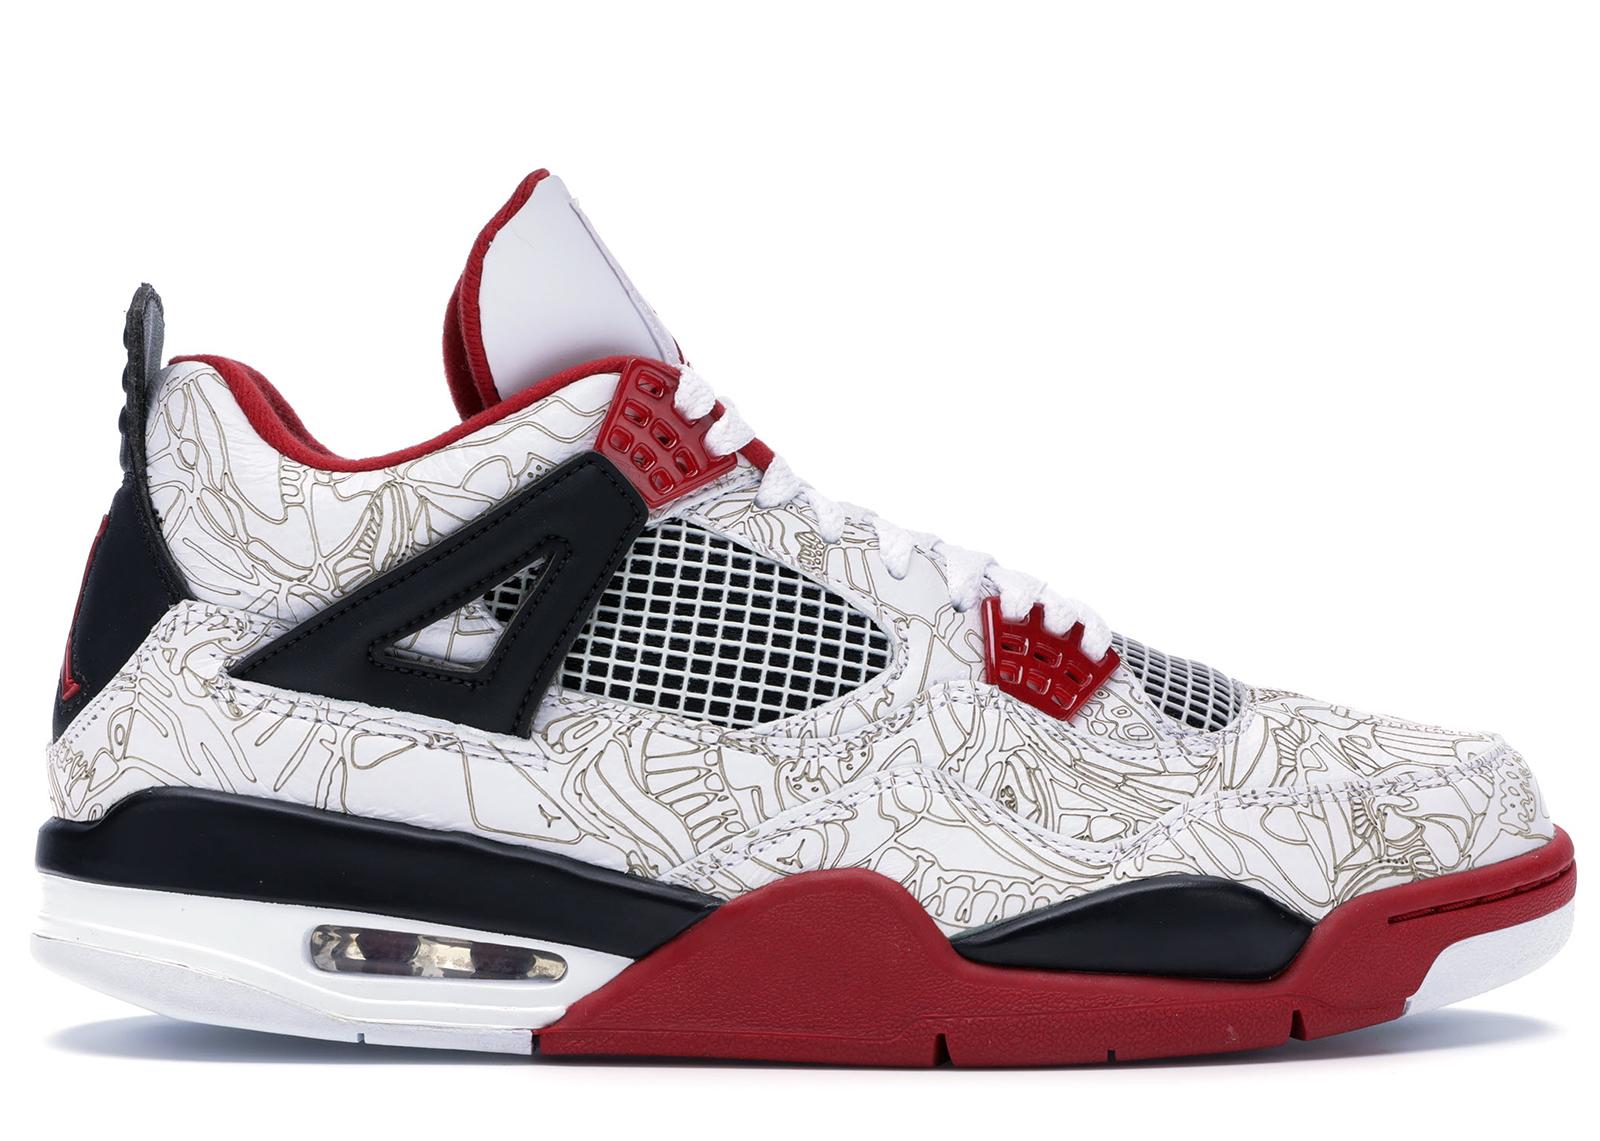 Jordan 4 Retro White Laser - 308497-161